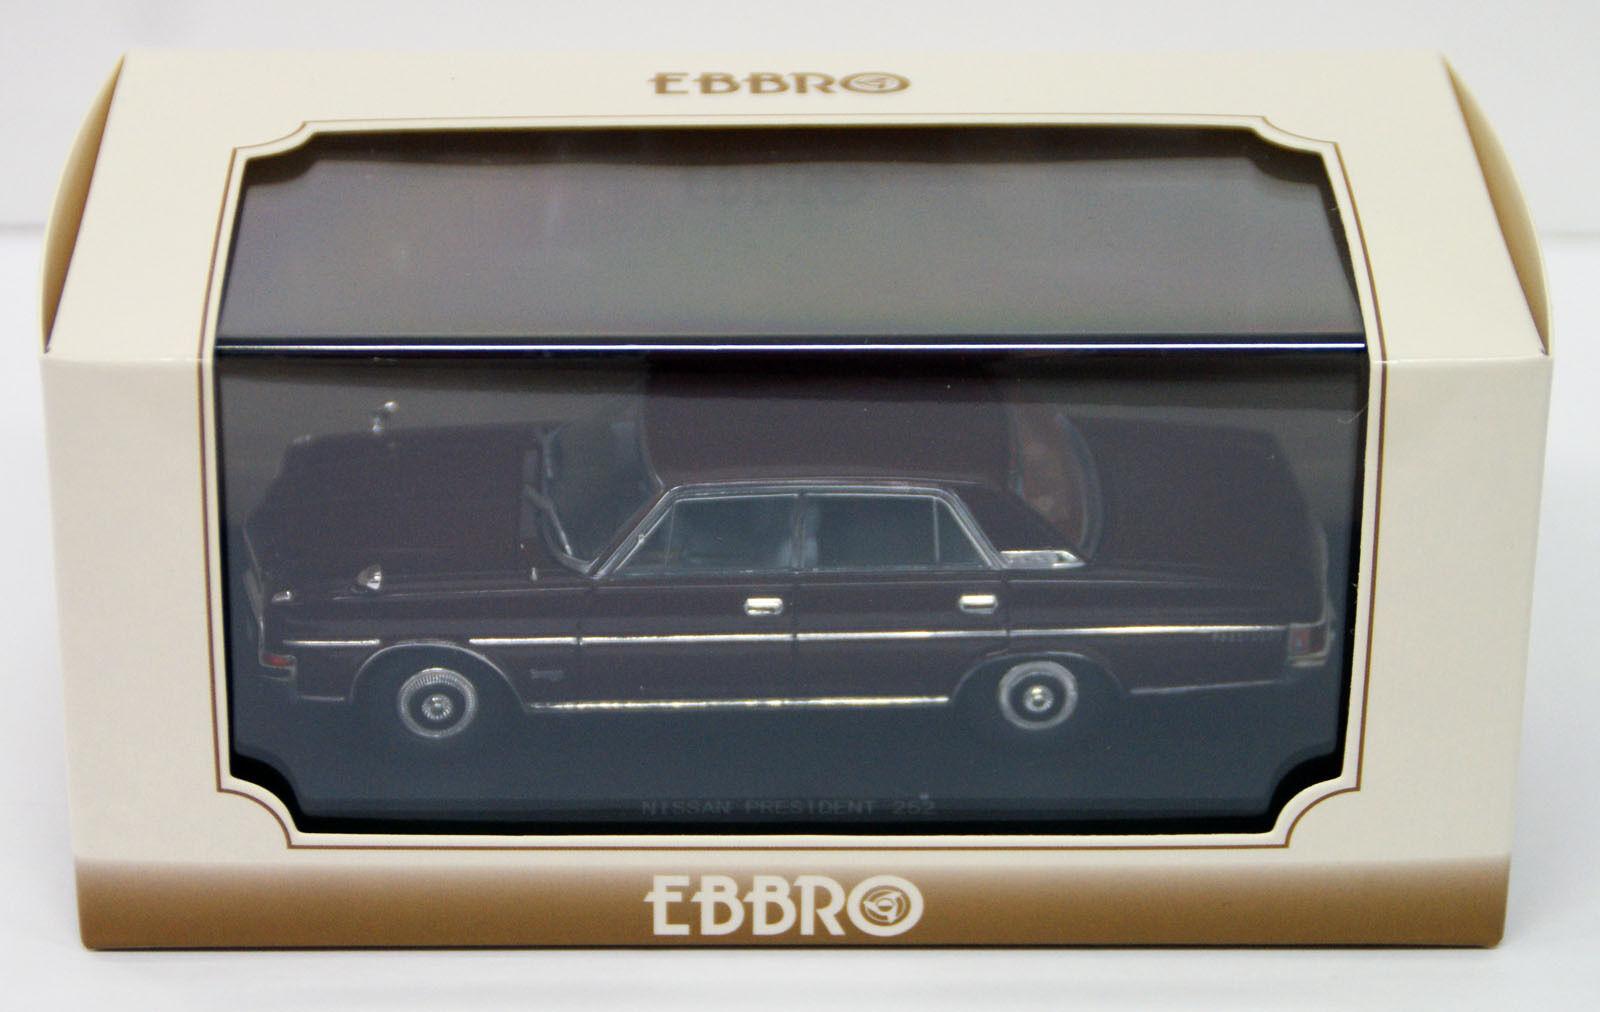 ahorra hasta un 80% Ebbro 45321 Nissan Nissan Nissan President 252 marrón 1 43 scale  ventas en línea de venta